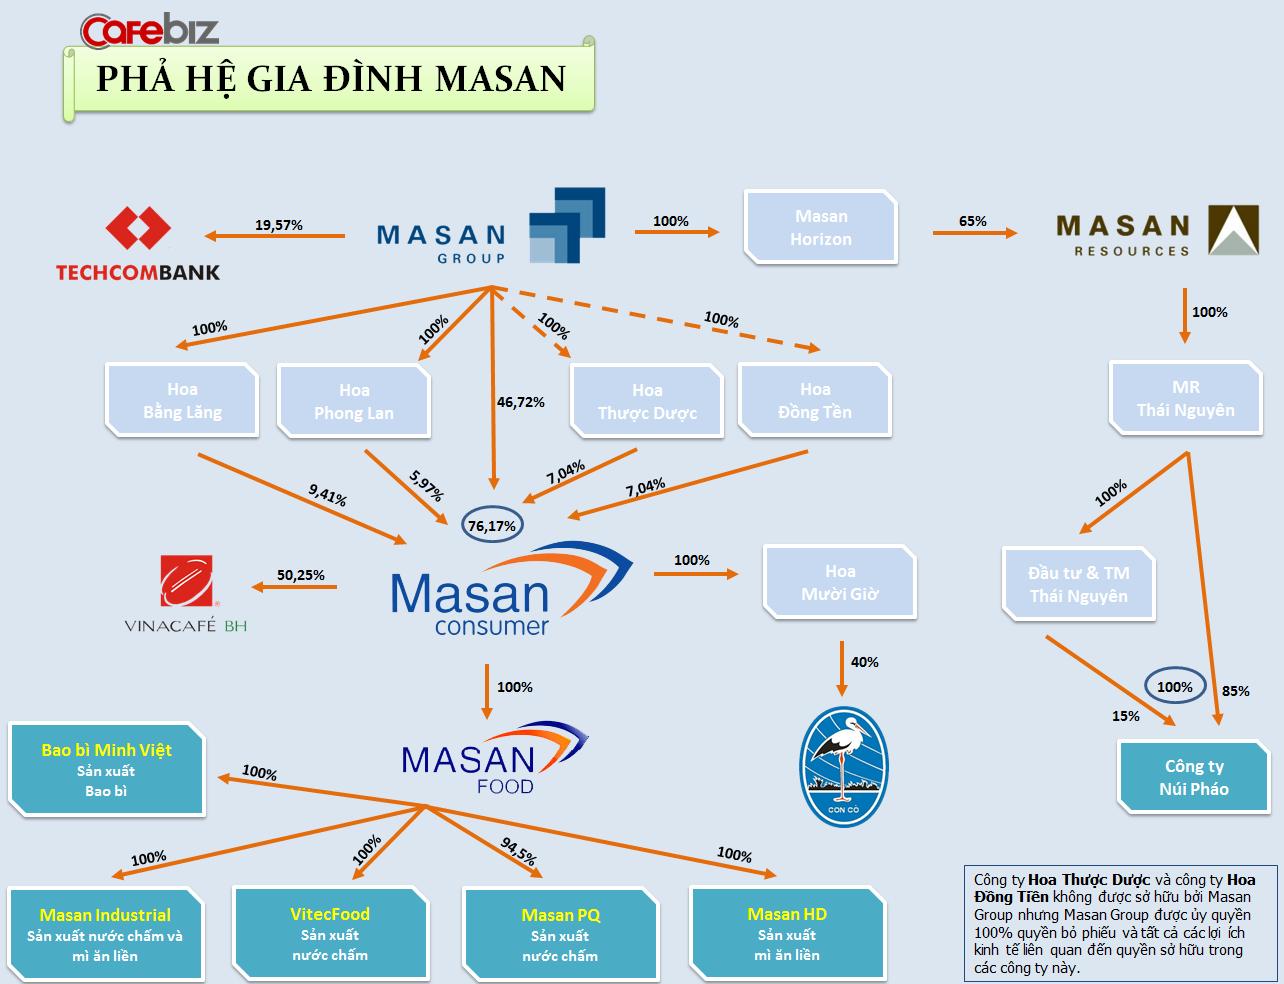 Ai sở hữu Masan Consumer? (1)